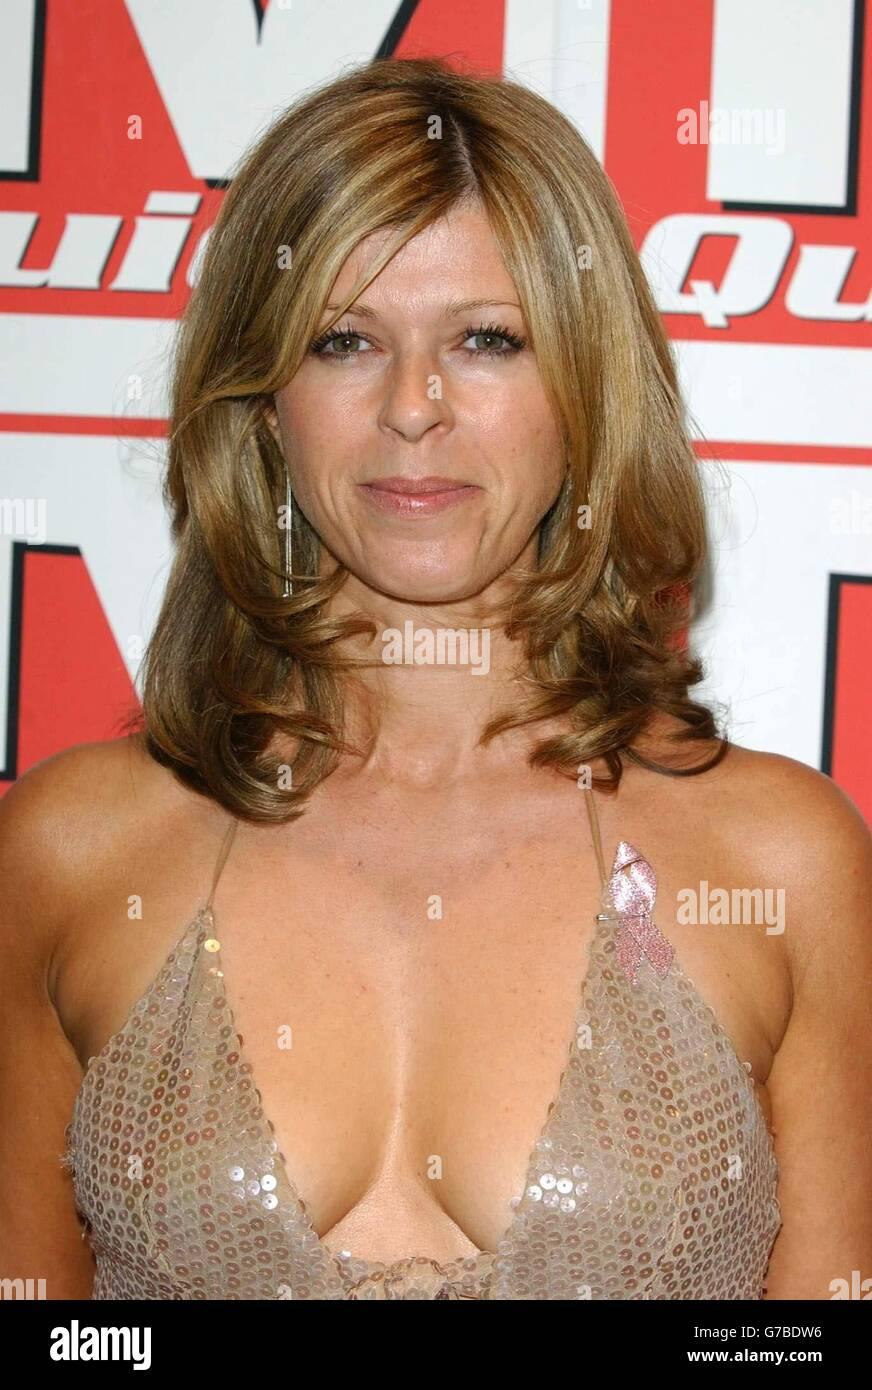 Kate Garraway TV Quick Awards 2004 - Stock Image